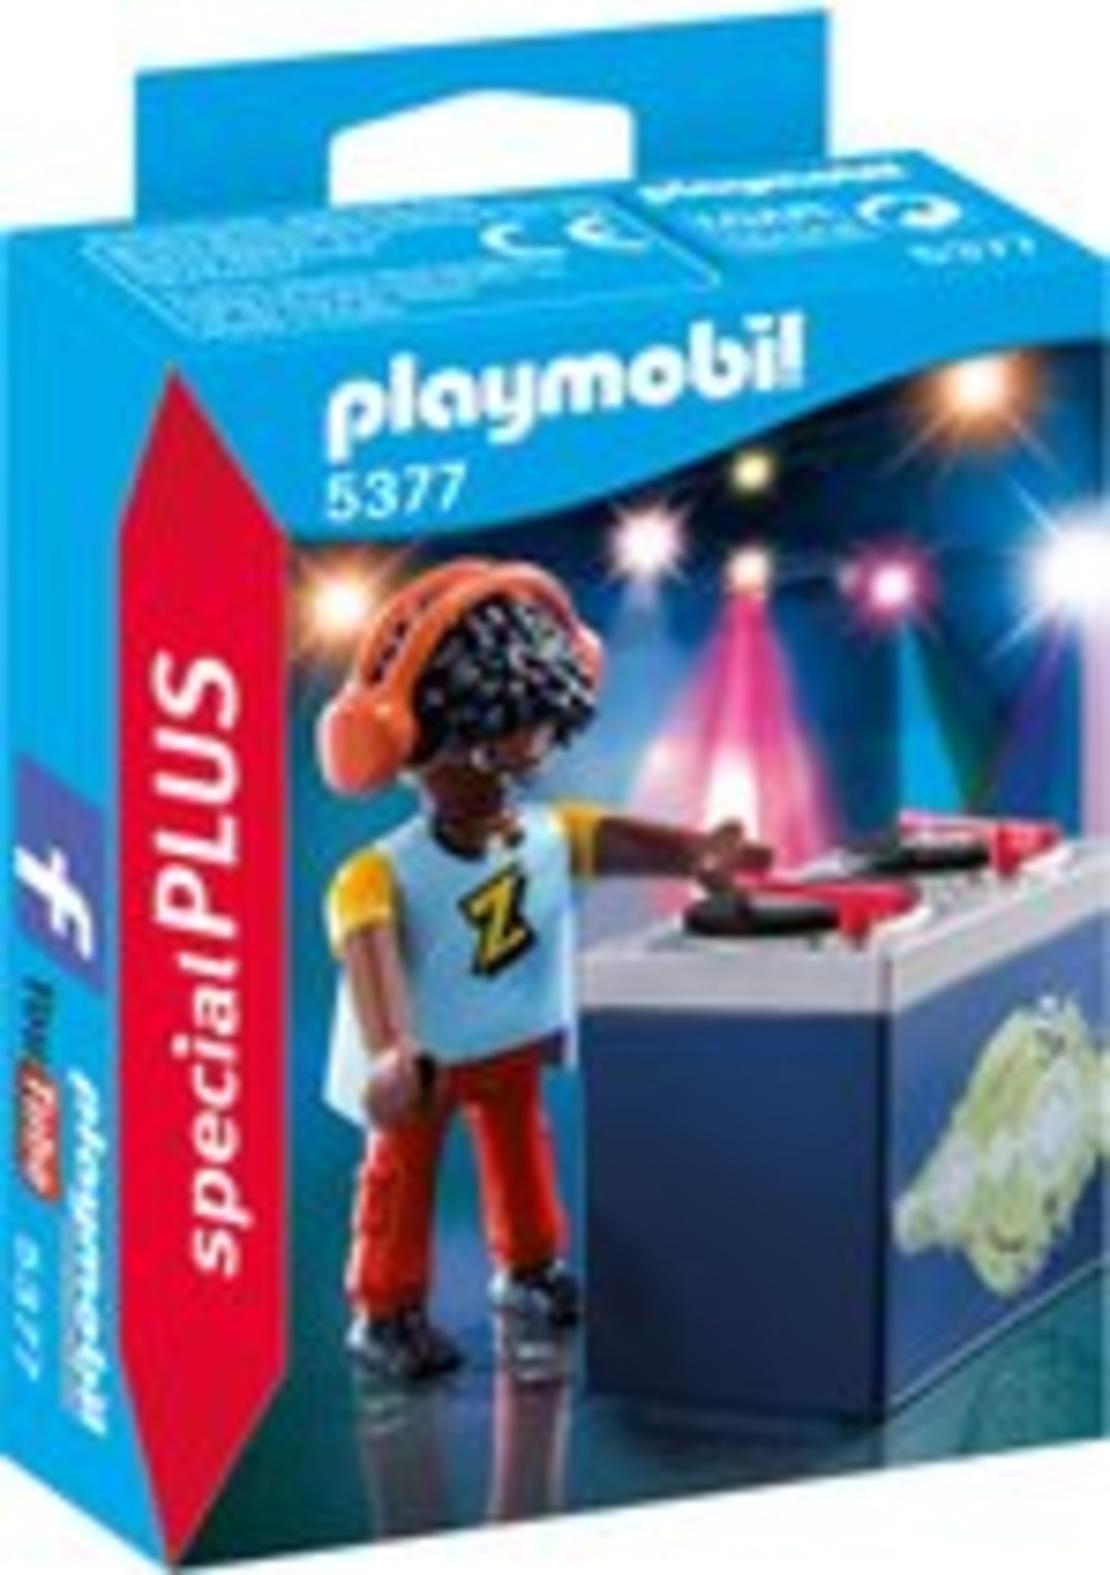 פליימוביל 5377 - תקליטן